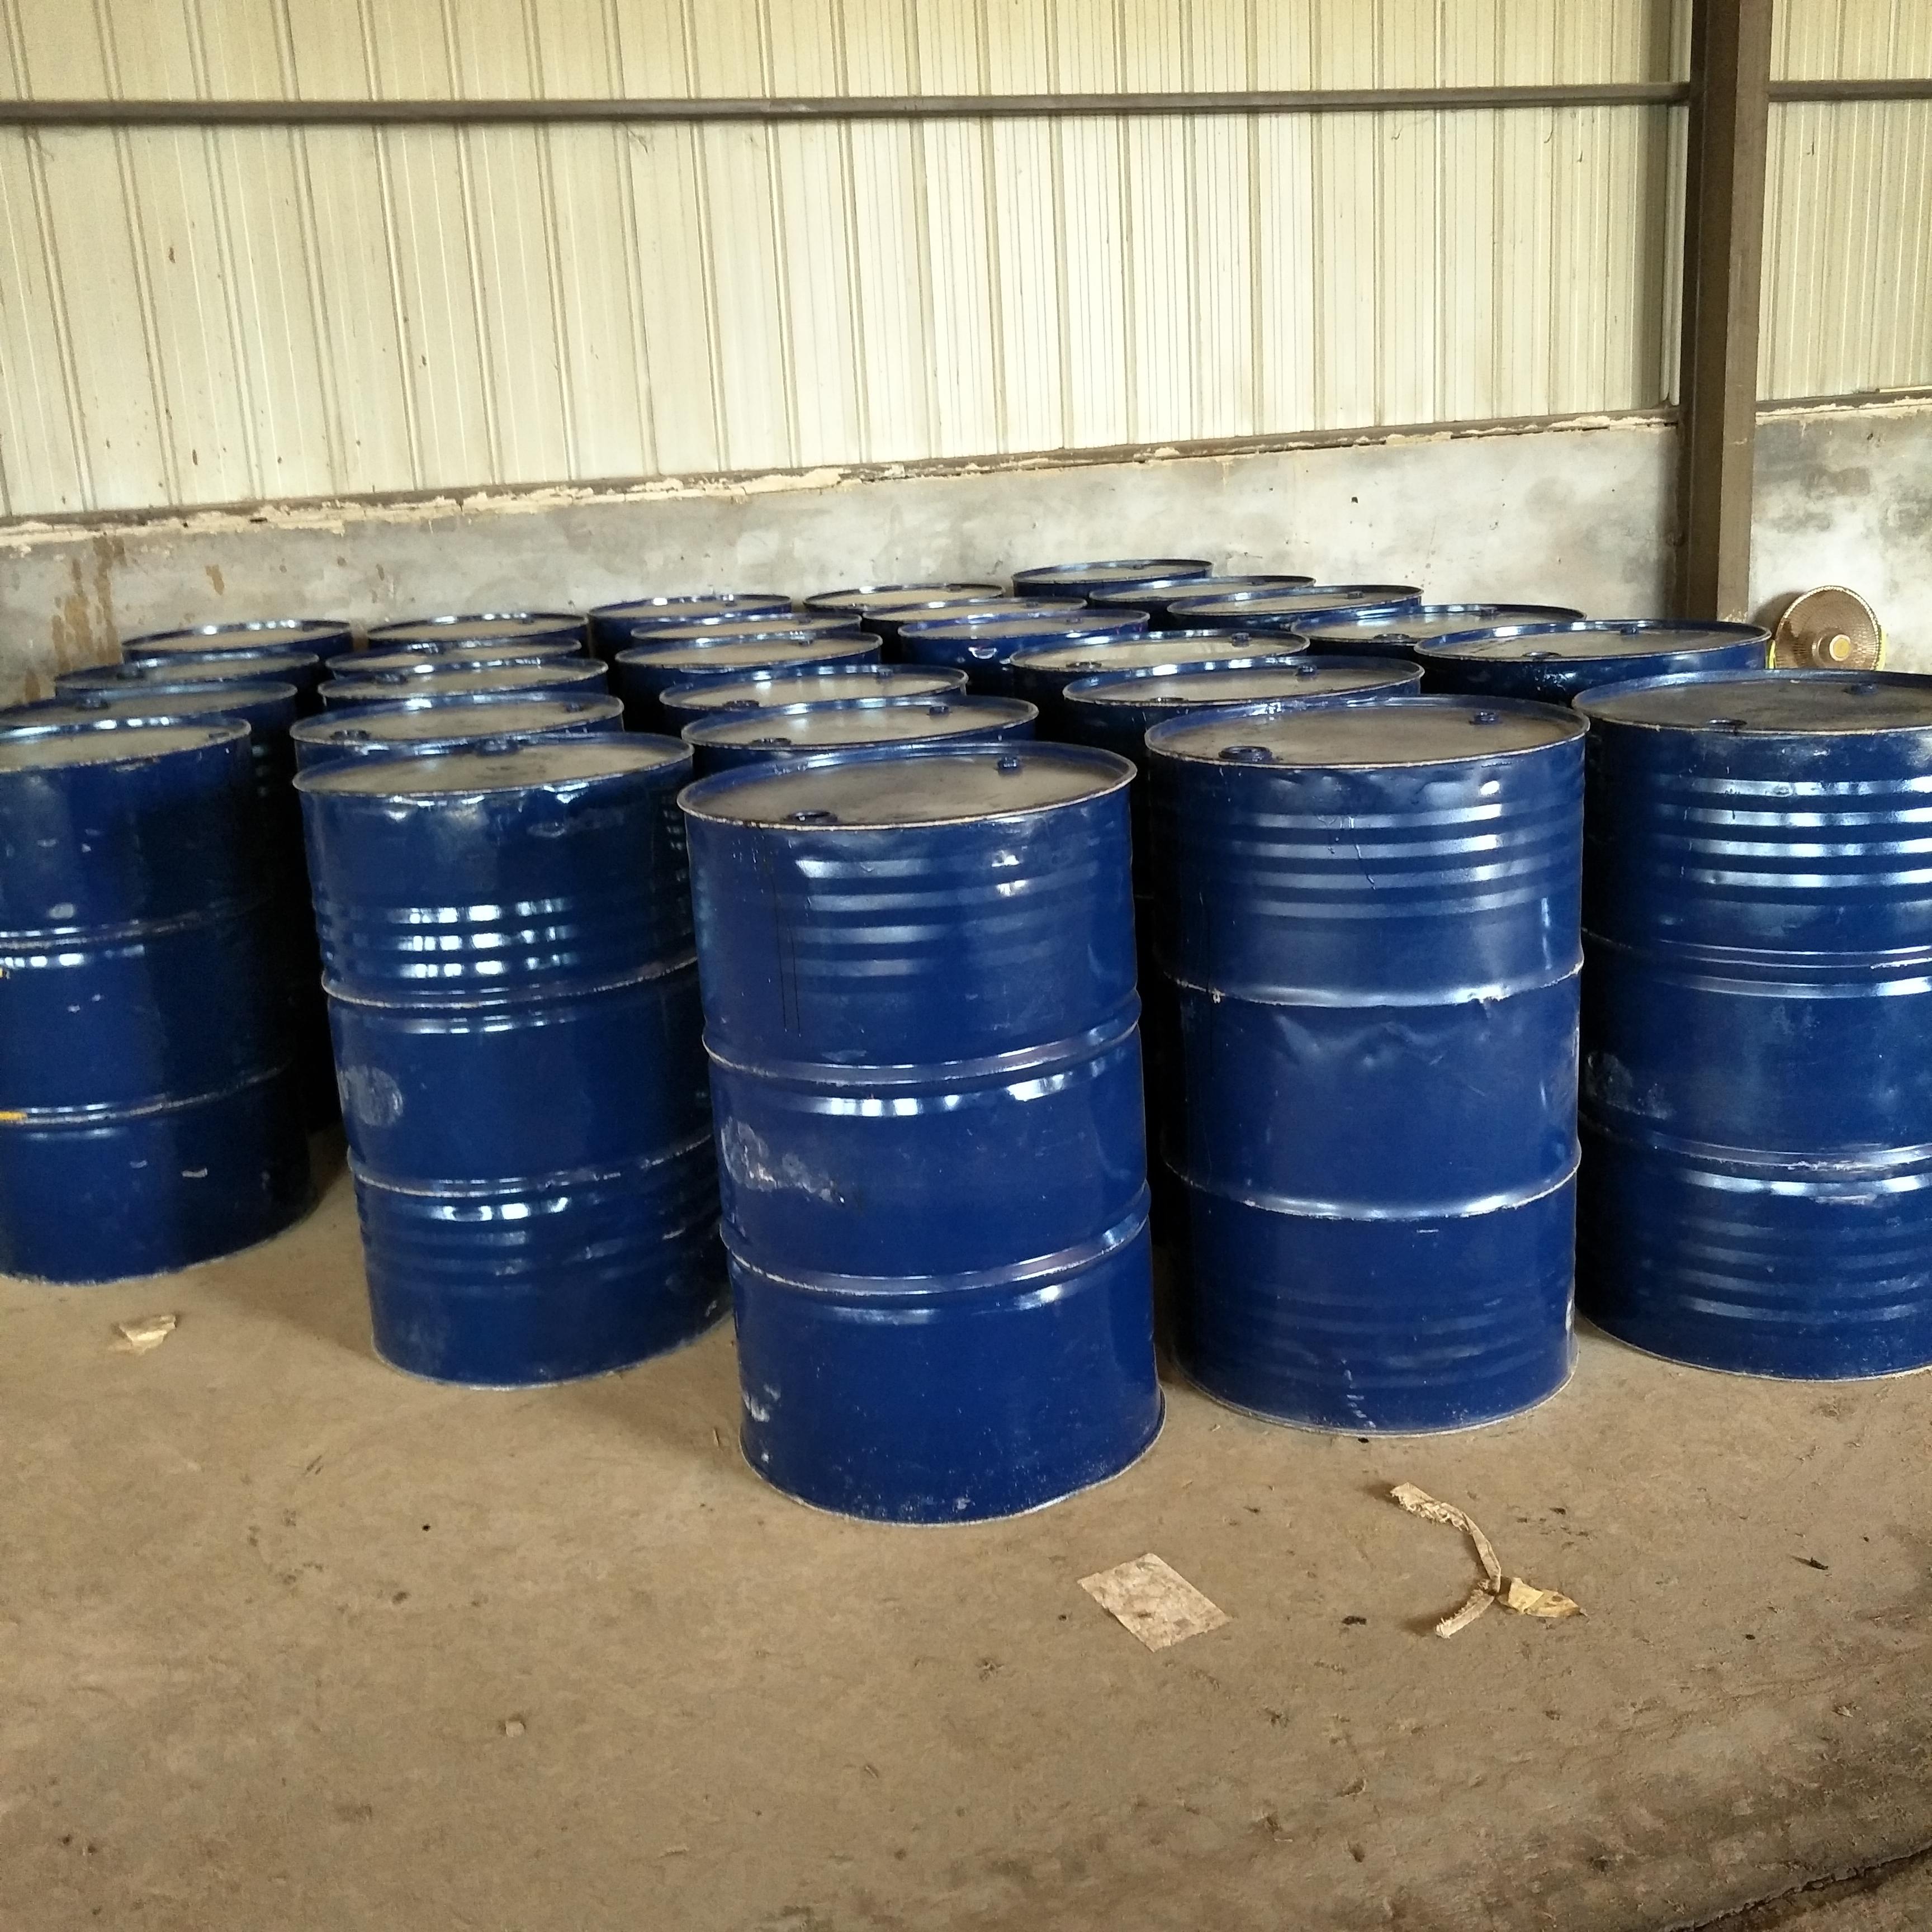 聚氨酯发泡料 聚氨酯发泡料。黑白料 聚氨酯发泡料。黑白料。软泡。硬泡